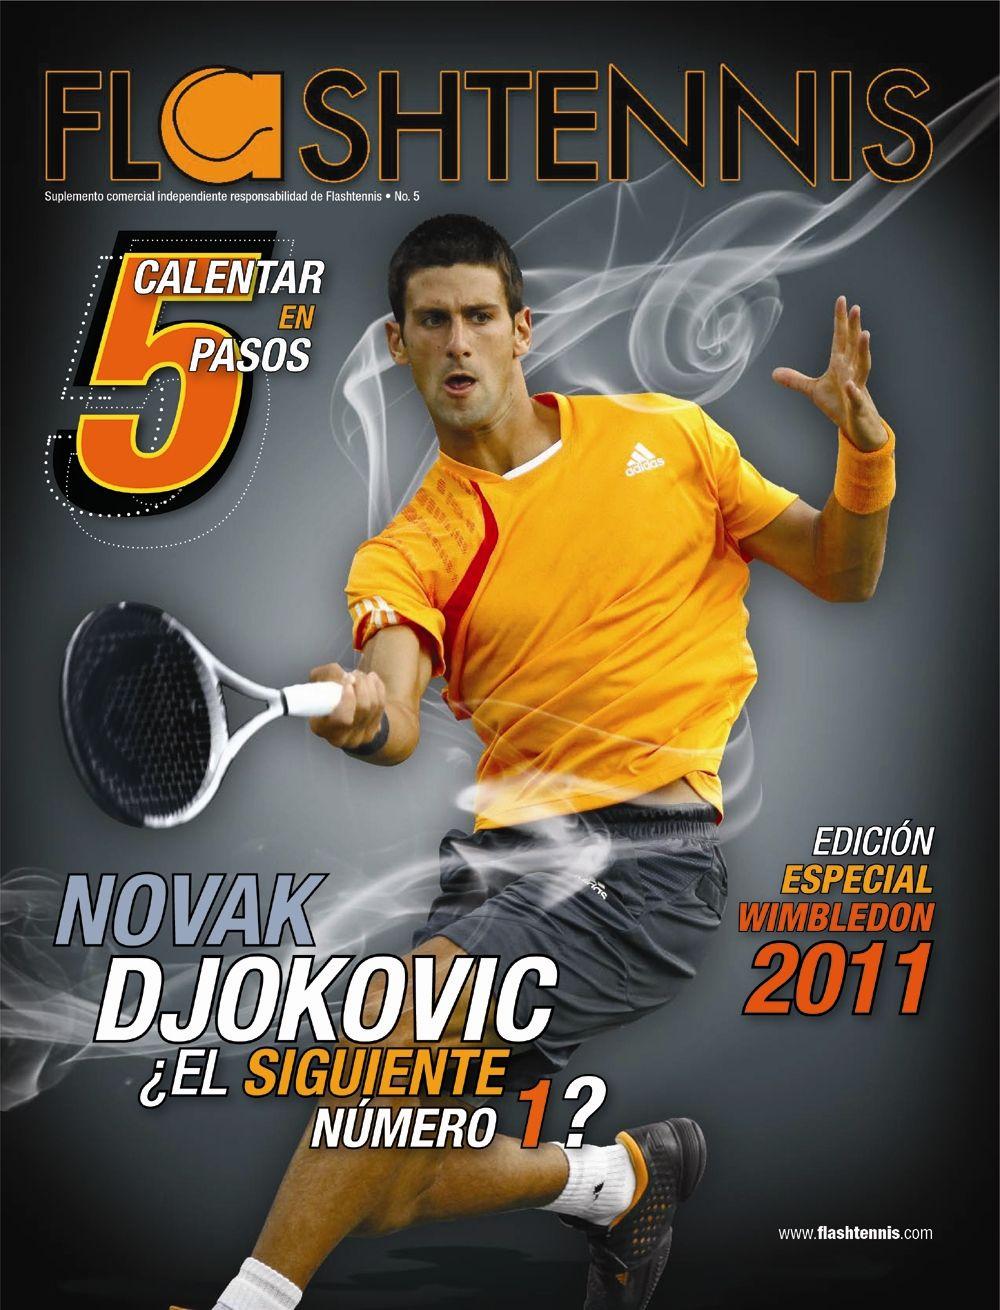 Novak Djokovic en la portada de Flashtennis No. 5   www.flashtennis.com